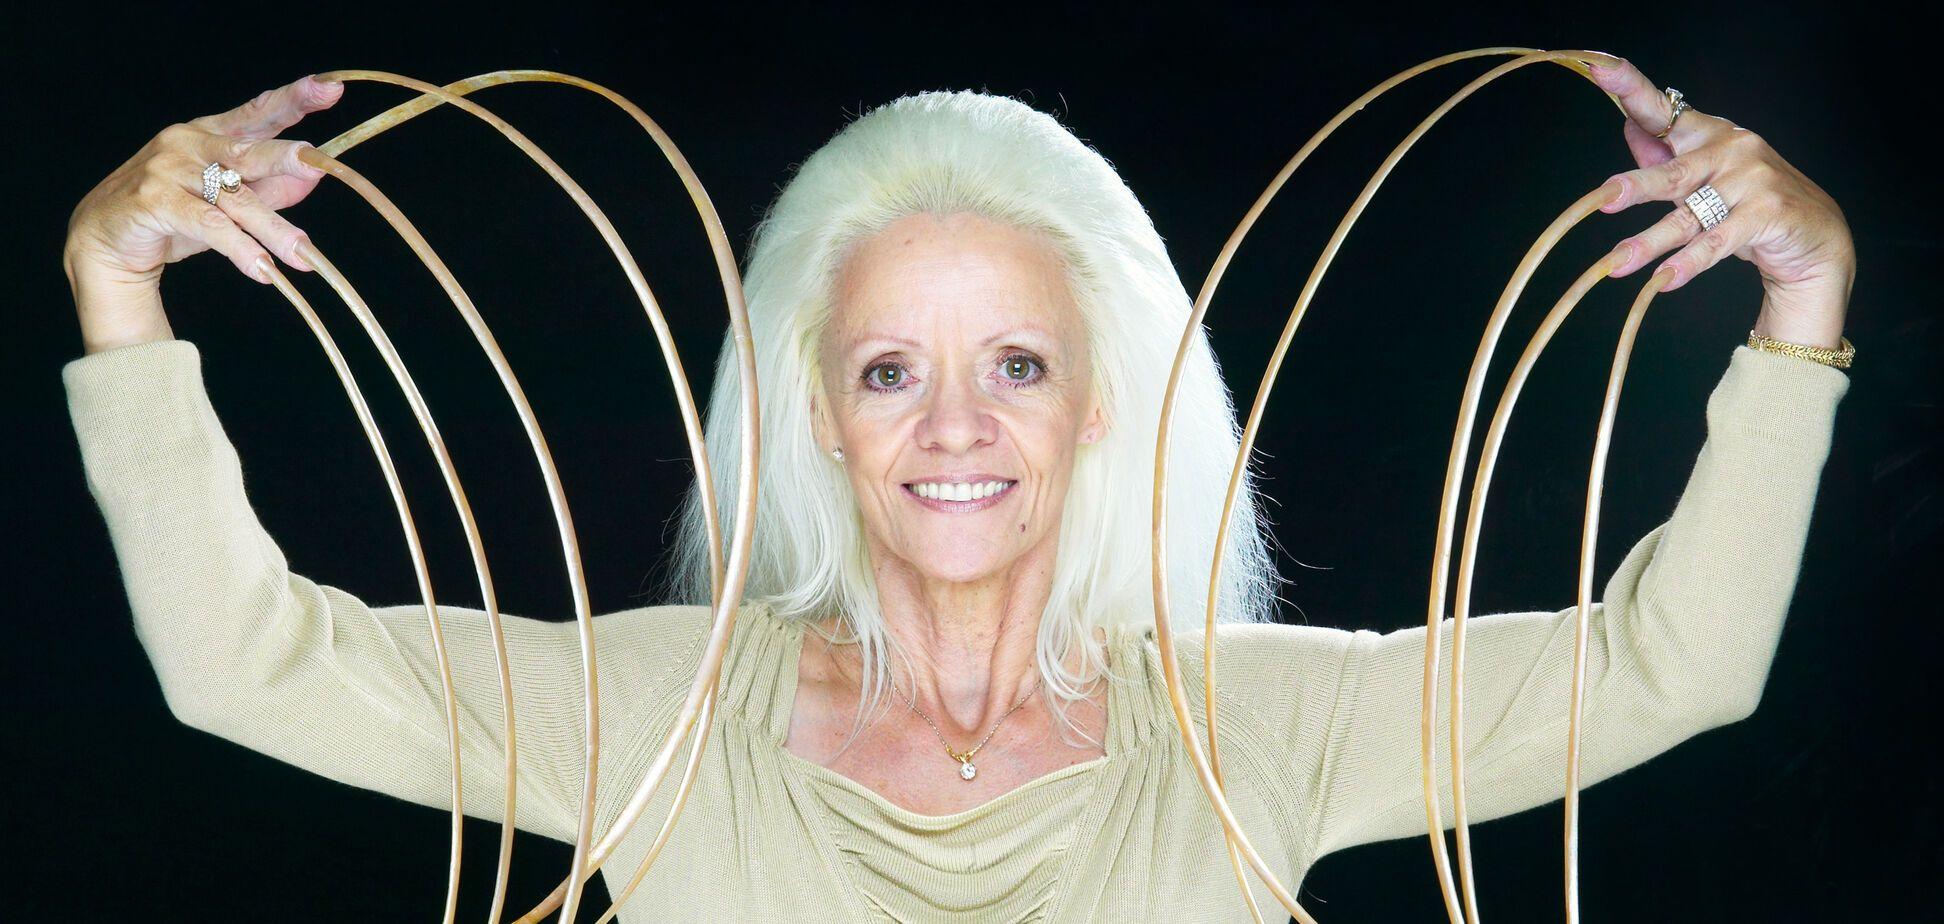 Рекордсменка книги Гіннесса потрапила в аварію і втратила найдовші у світі нігті